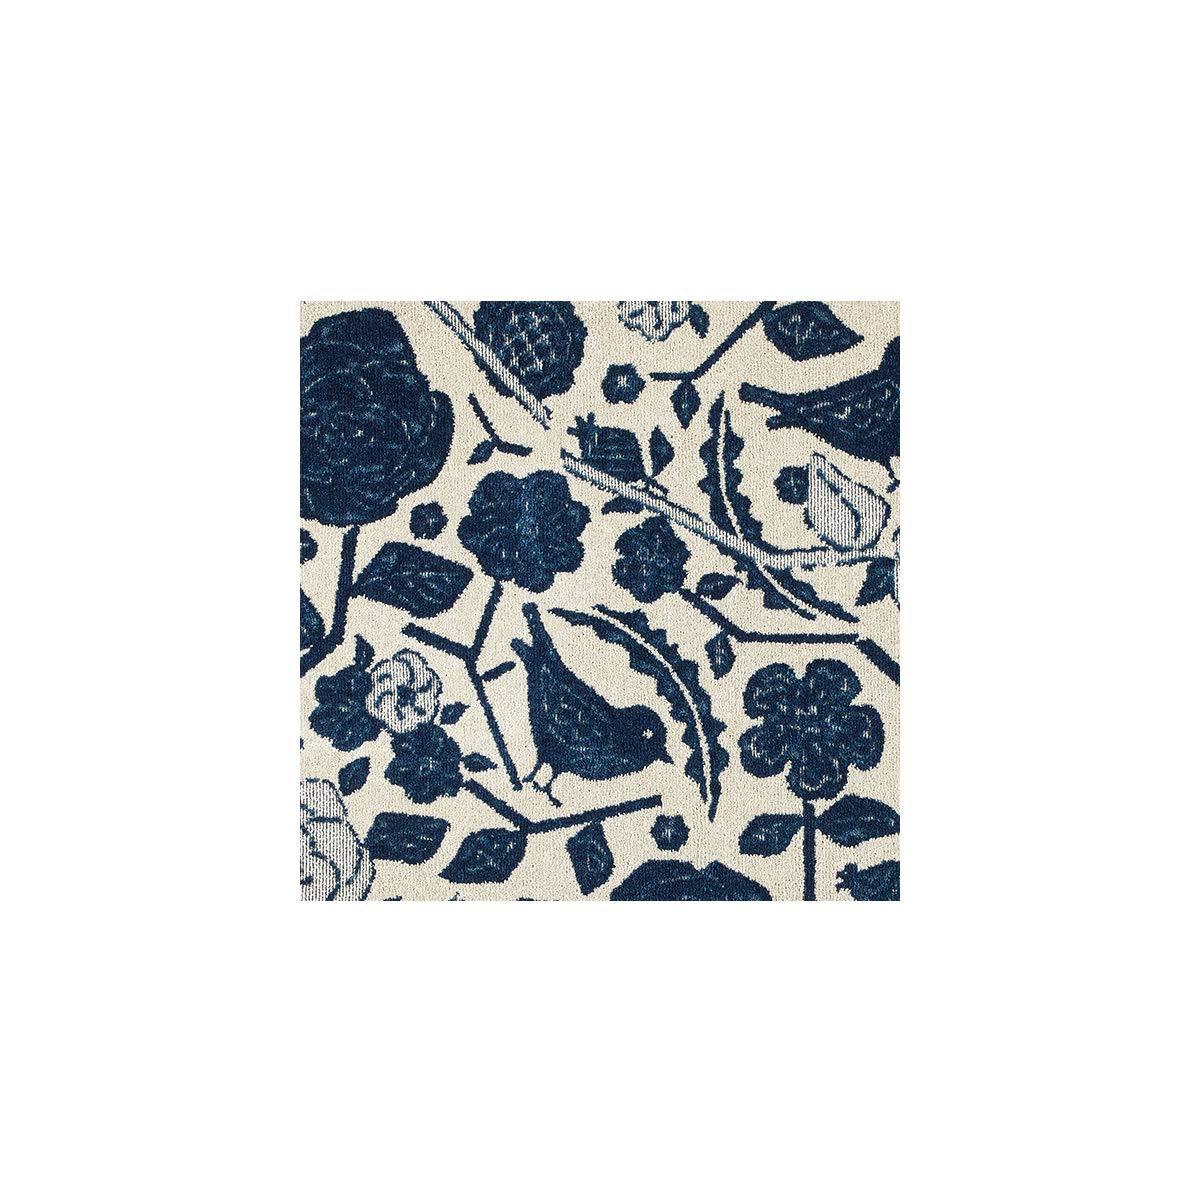 ブルー/【185cm×240cm】 ラグ ラグマット 絨毯 カーペット 長方形 ホットカーペット 床暖 防ダニ 滑り止め オールシーズン 花 北欧風 日本製 おしゃれ かわいい  ブルー B07M8LW35Q